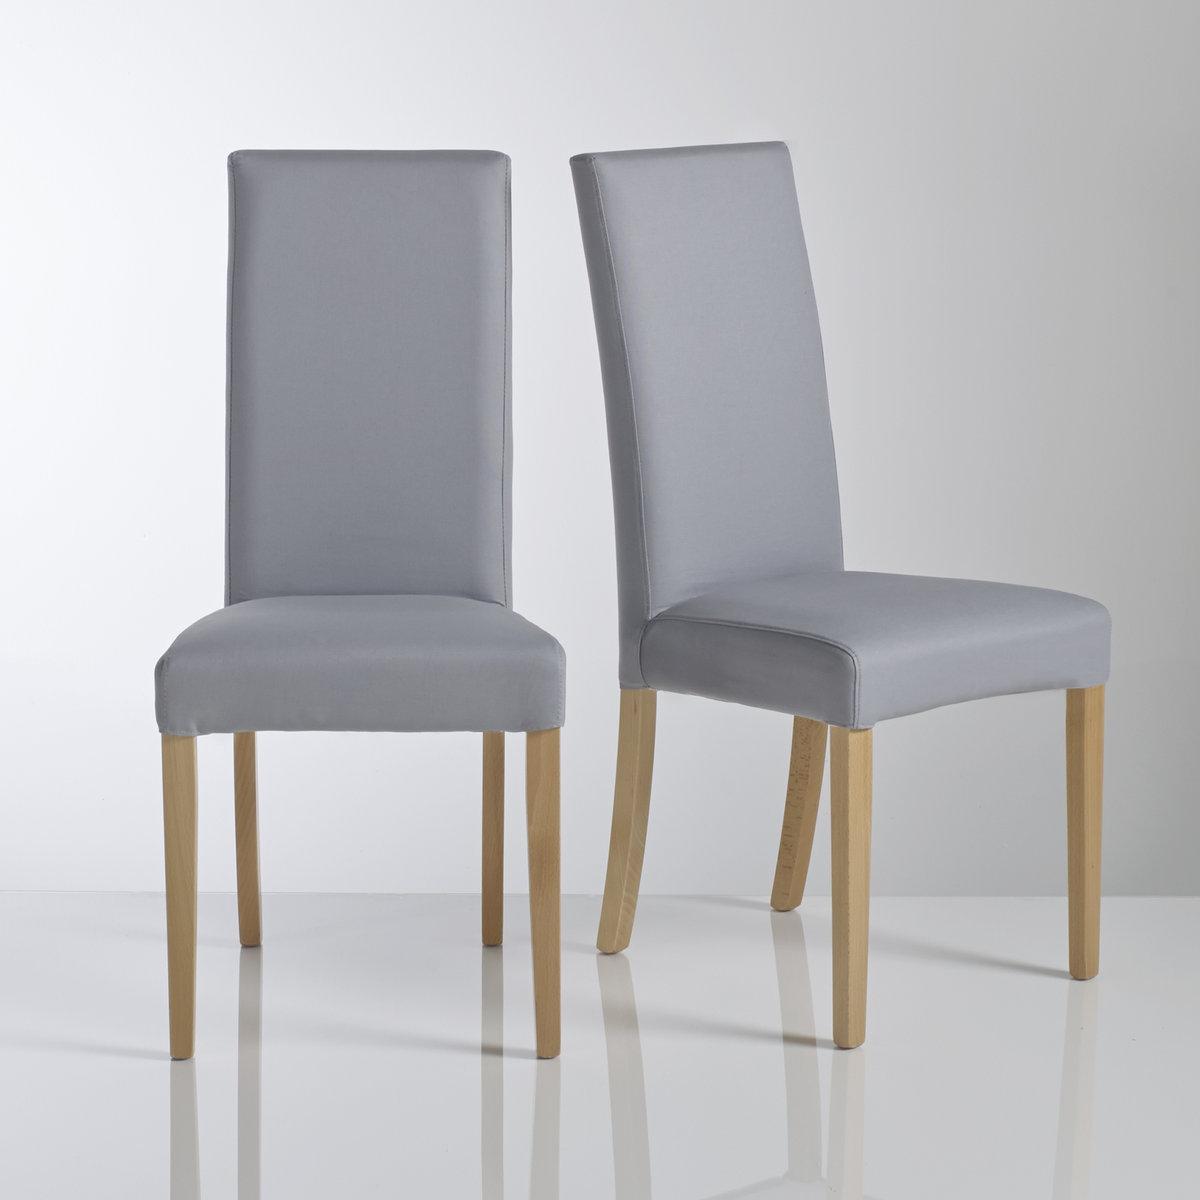 Комплект из 2 стульев со снимаемым чехлом Inqaluit